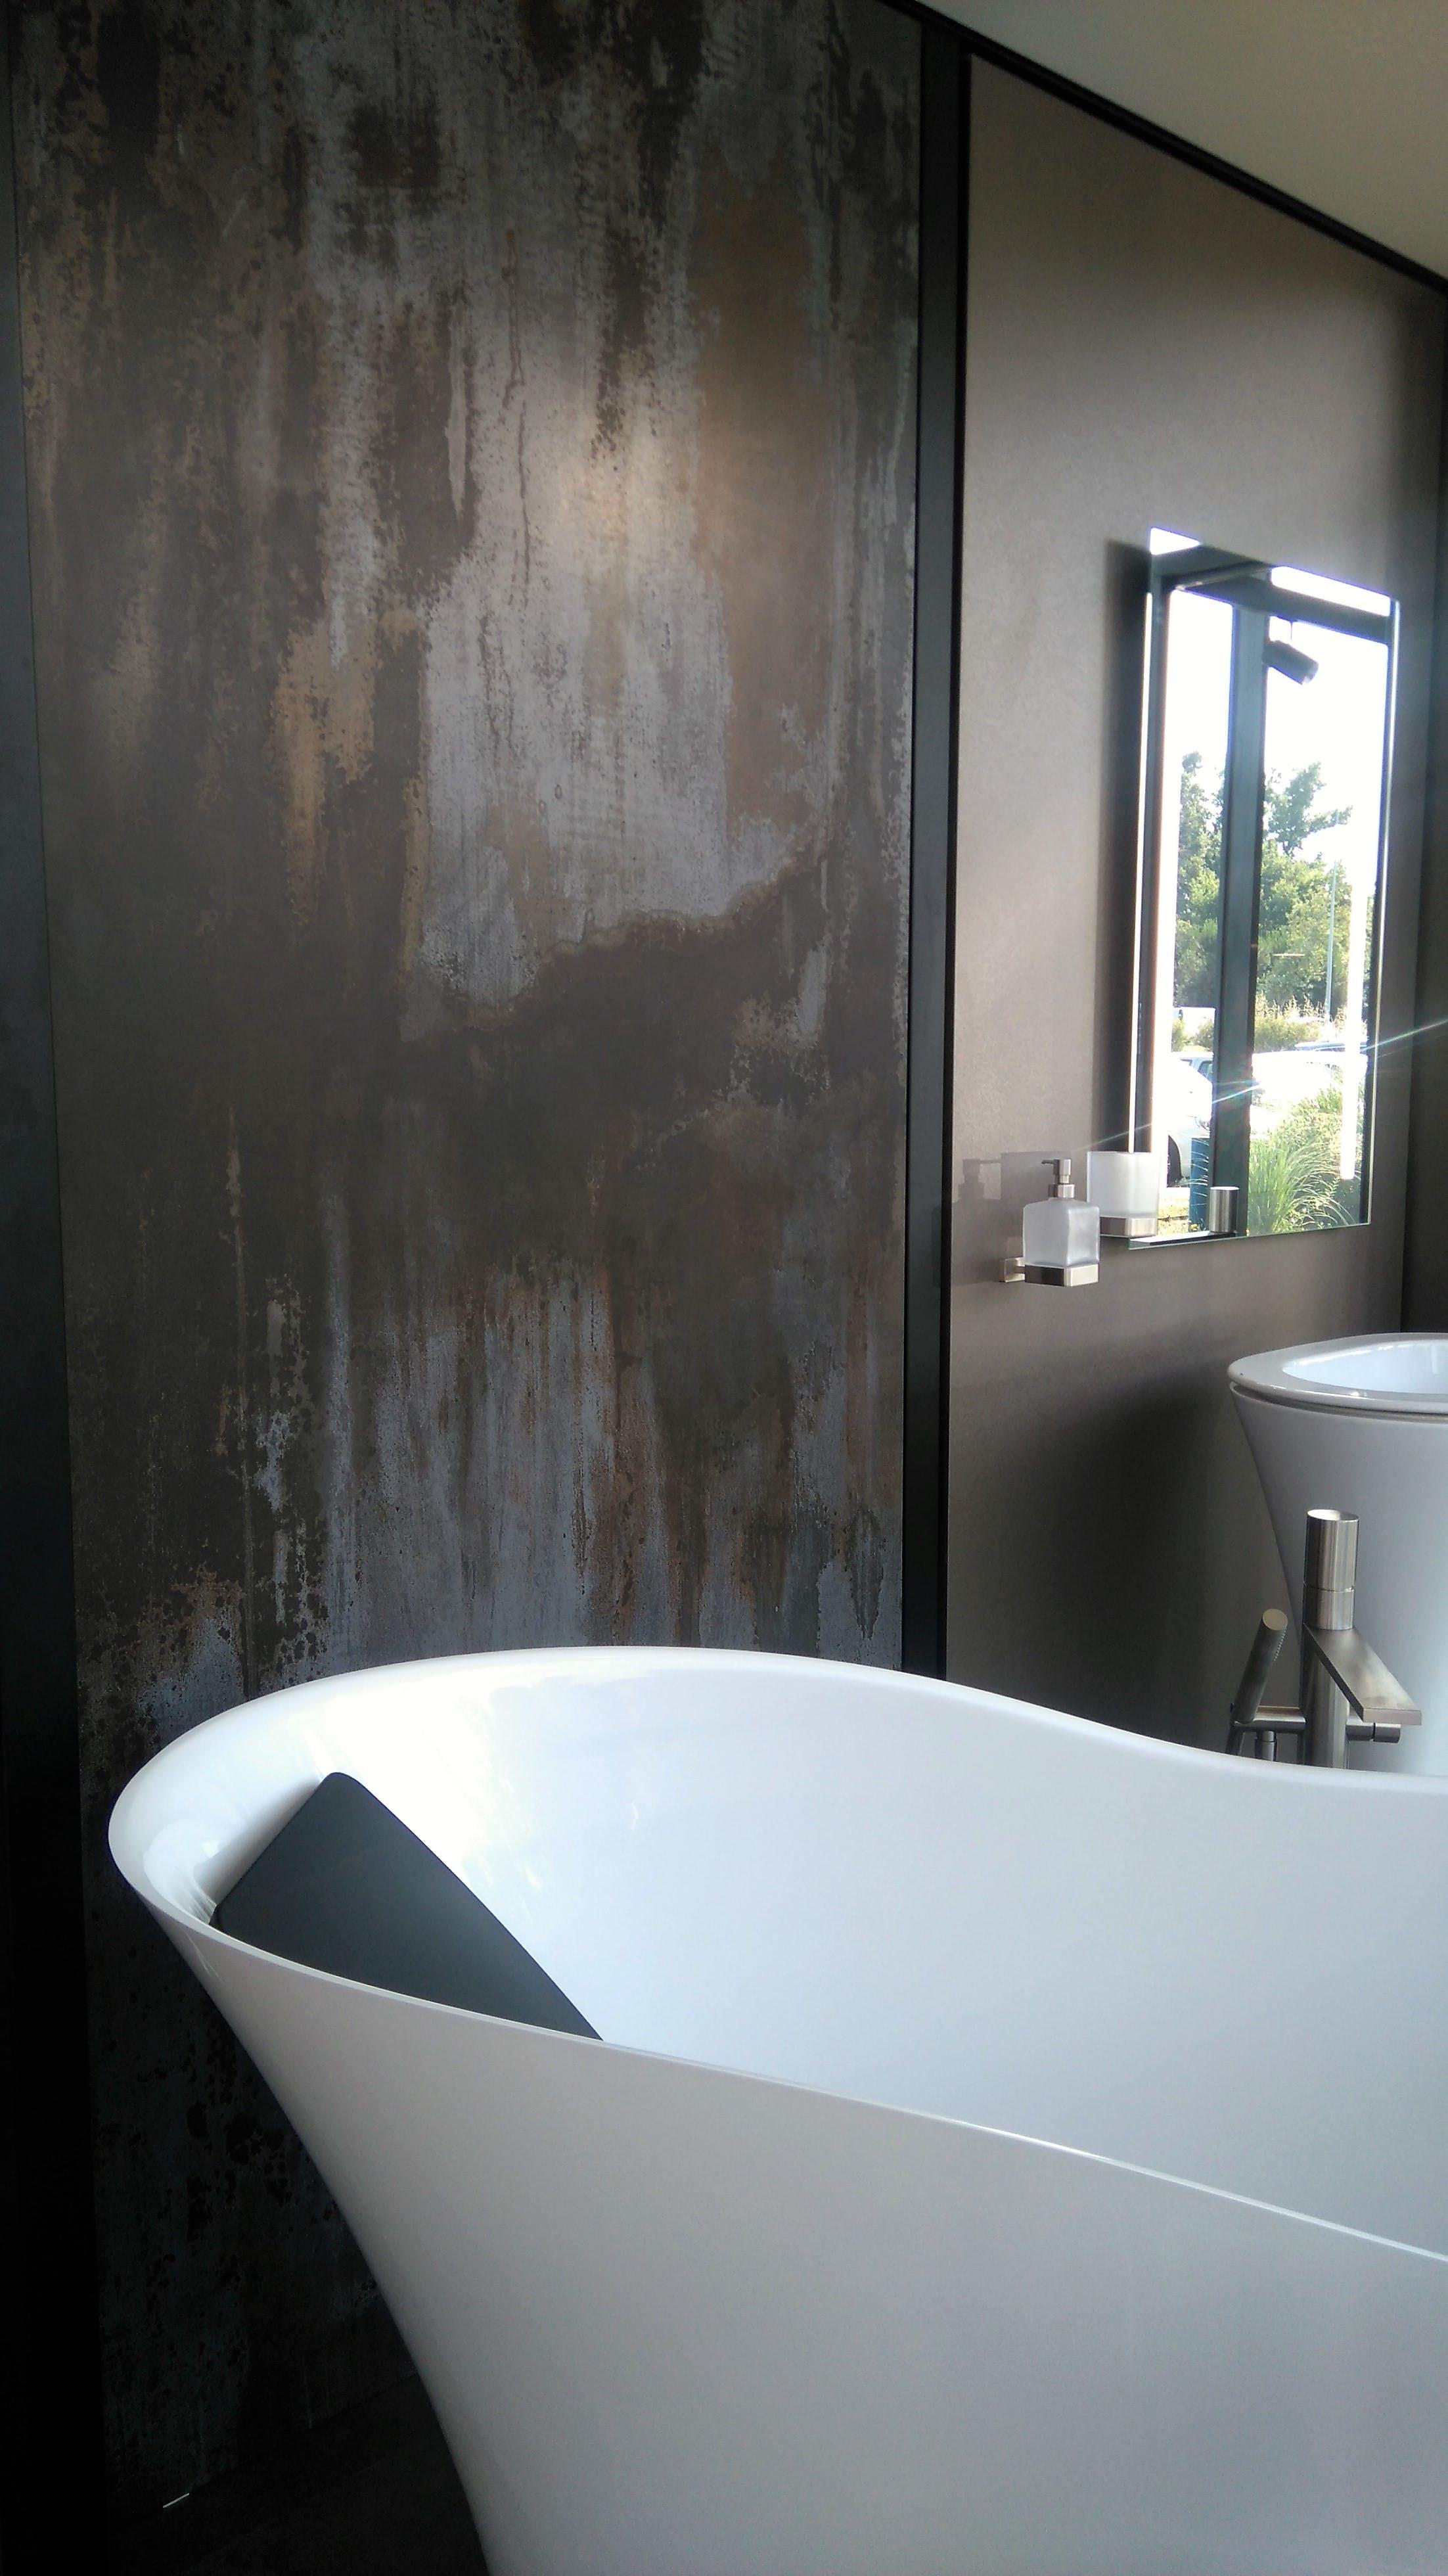 Bathroom Salle De Bain dekton - exposition espace salle de bain |cosentino